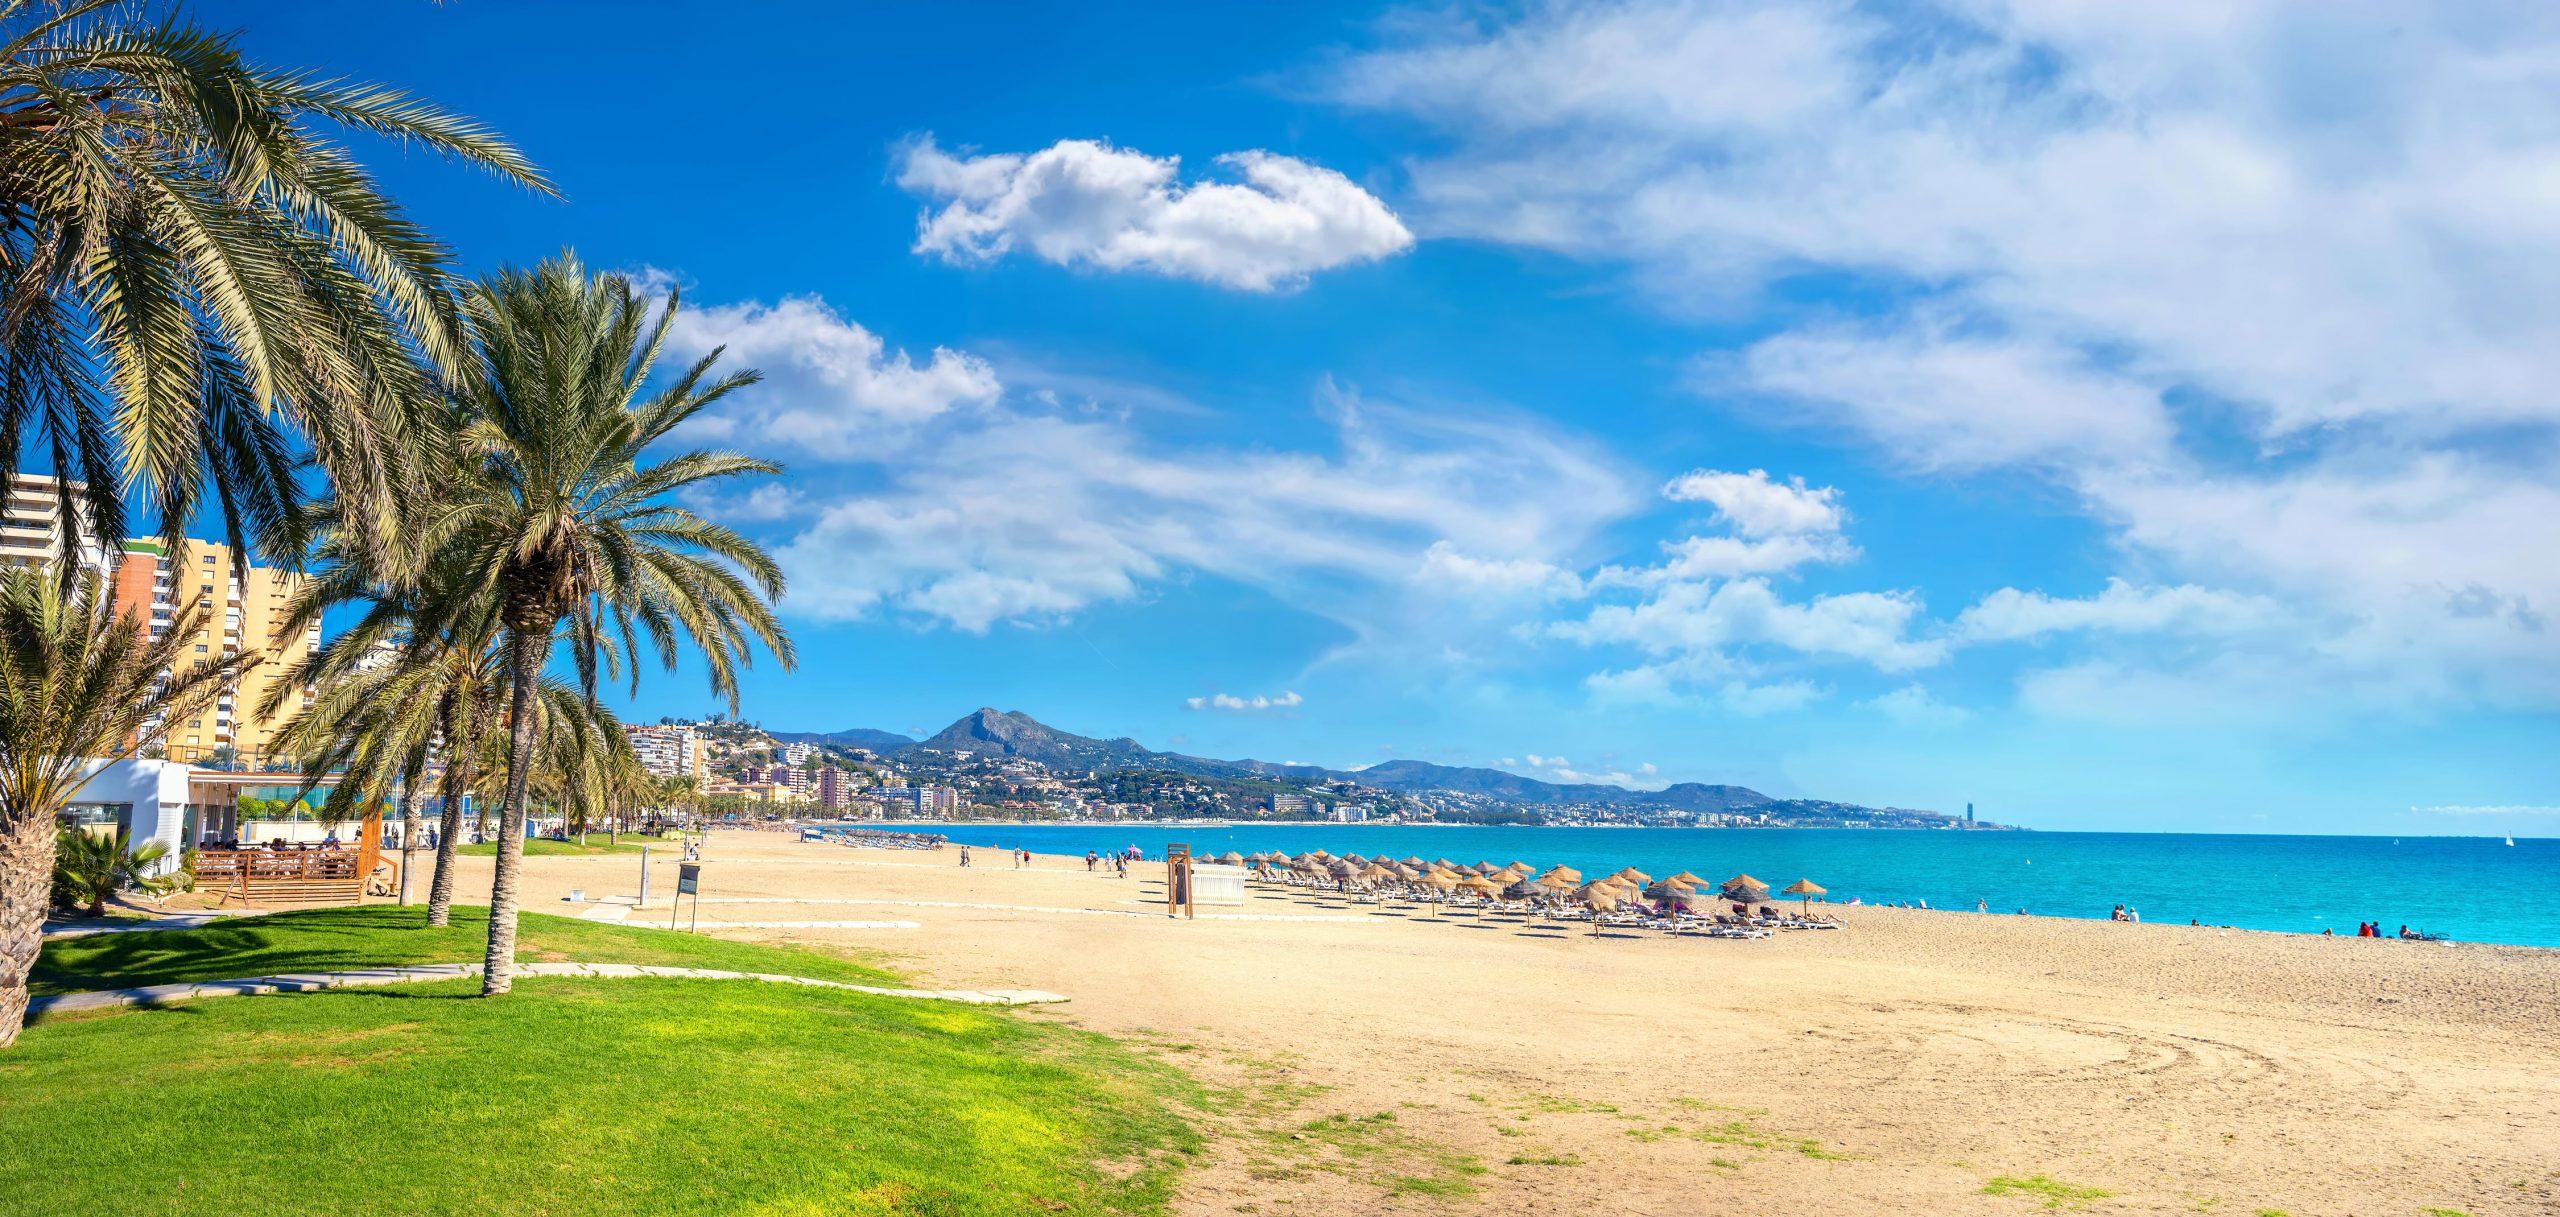 Veste proastă pentru turiștii care și-au programat vacanța. Ce țară a decis să închidă plajele